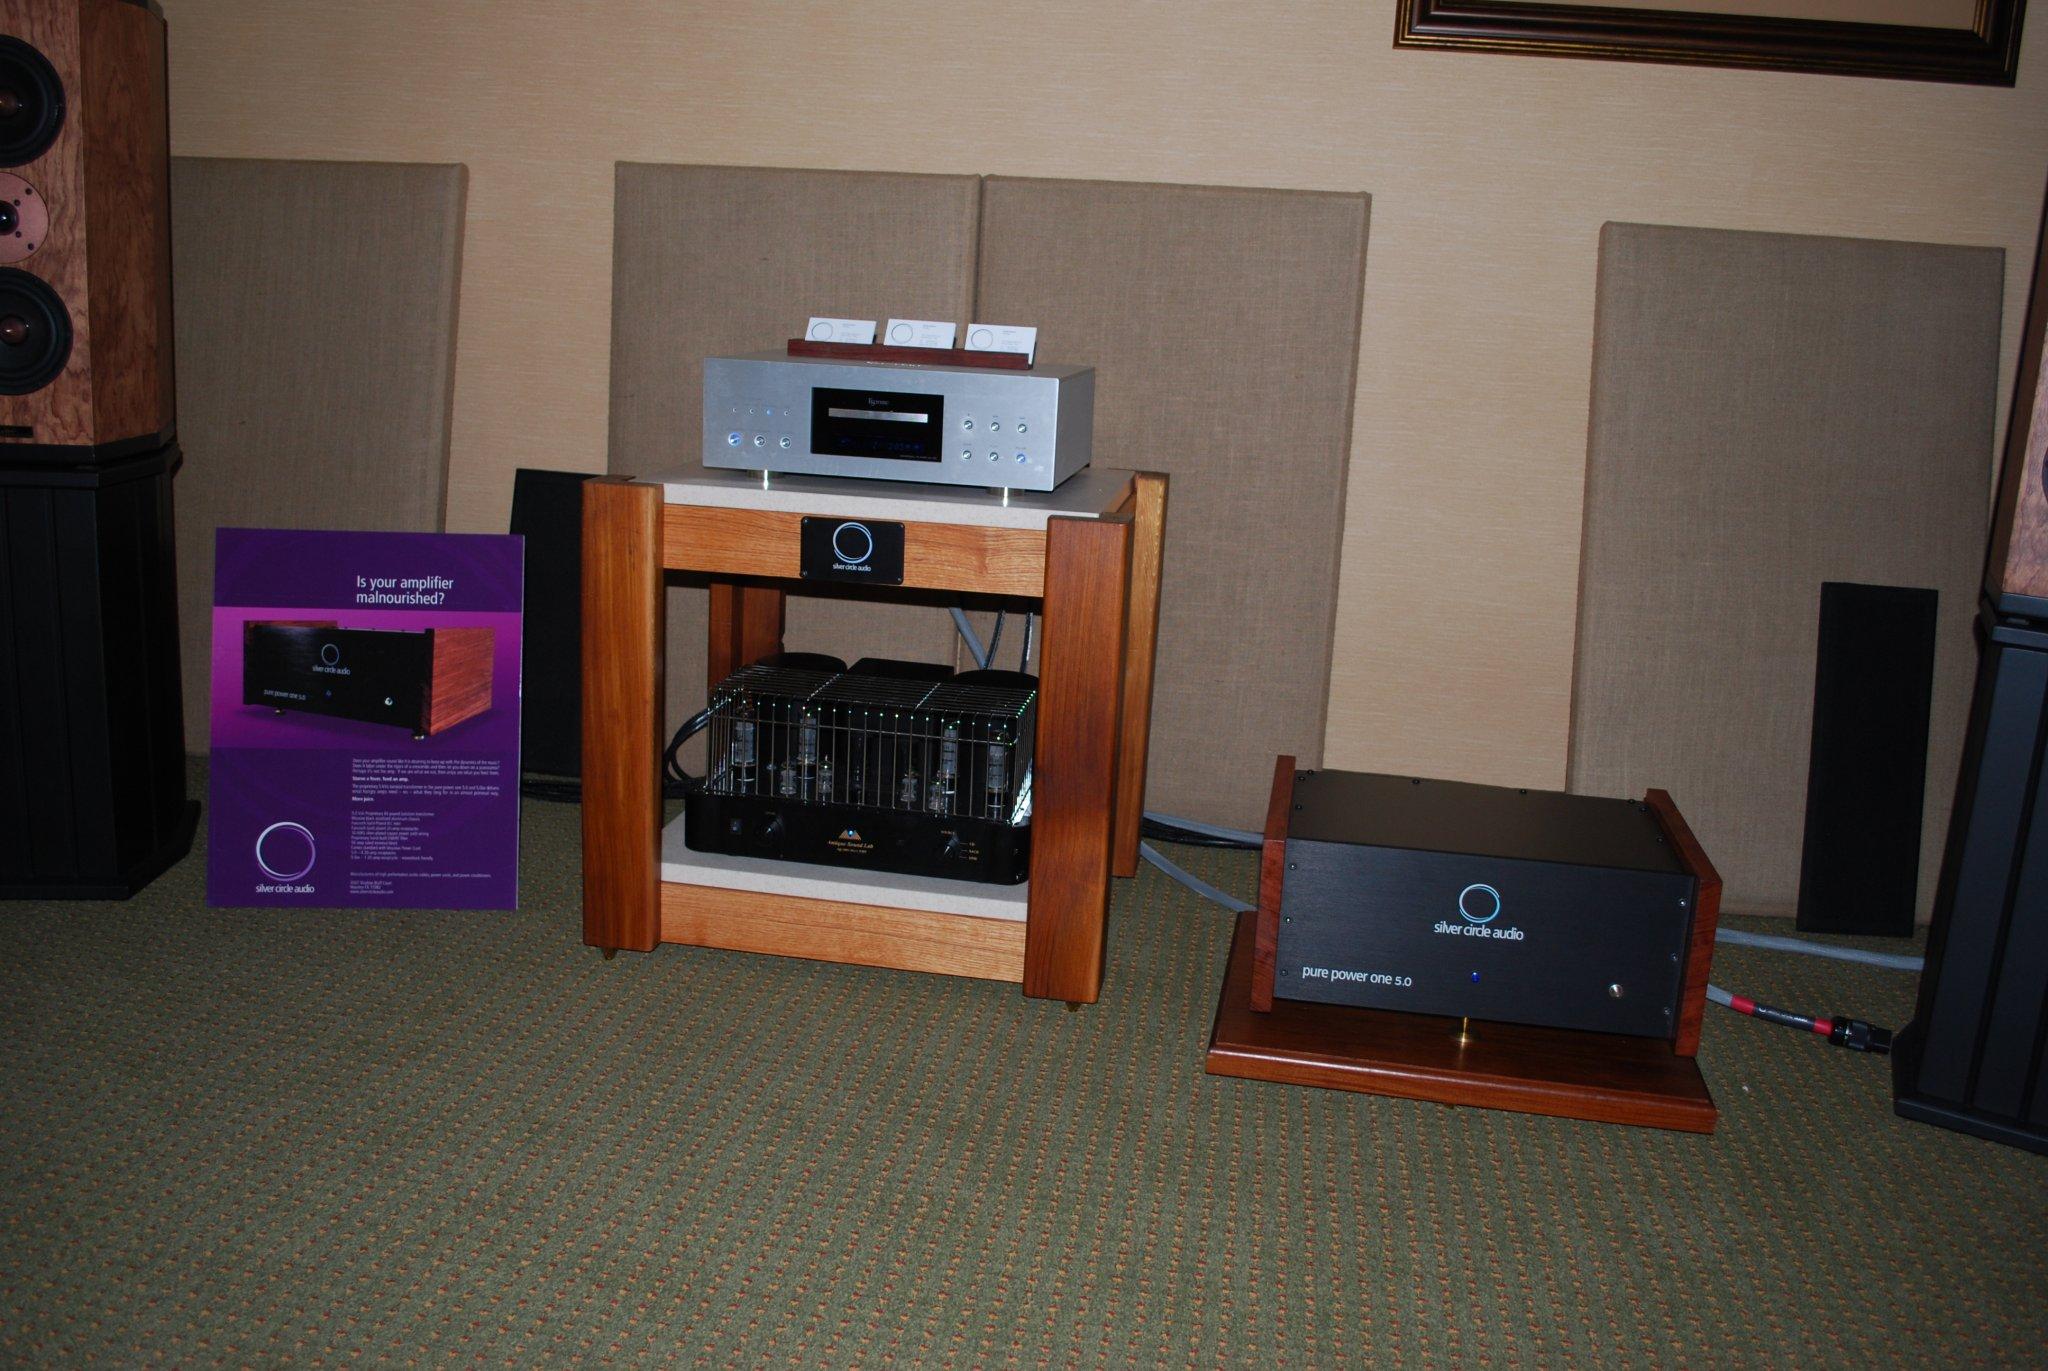 http://lonestaraudiofest.com/2010/Photos/Dsc_0068.jpg